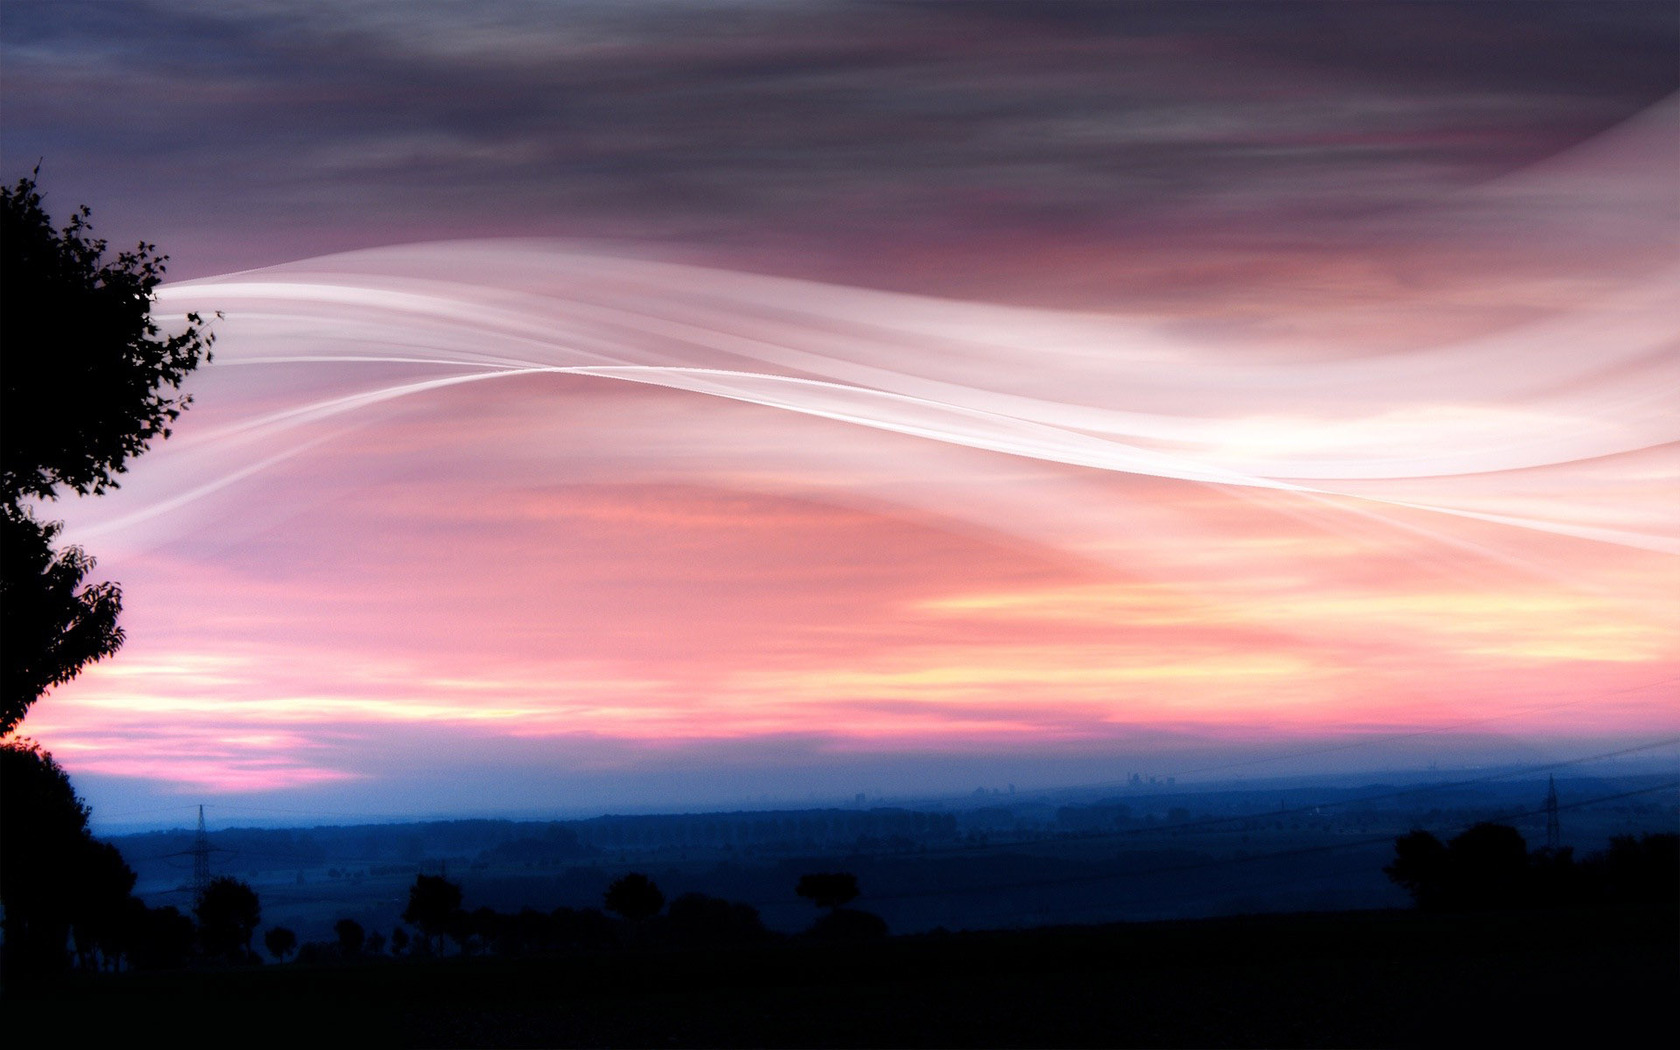 Pink sunset wallpaper 11326 1680x1050